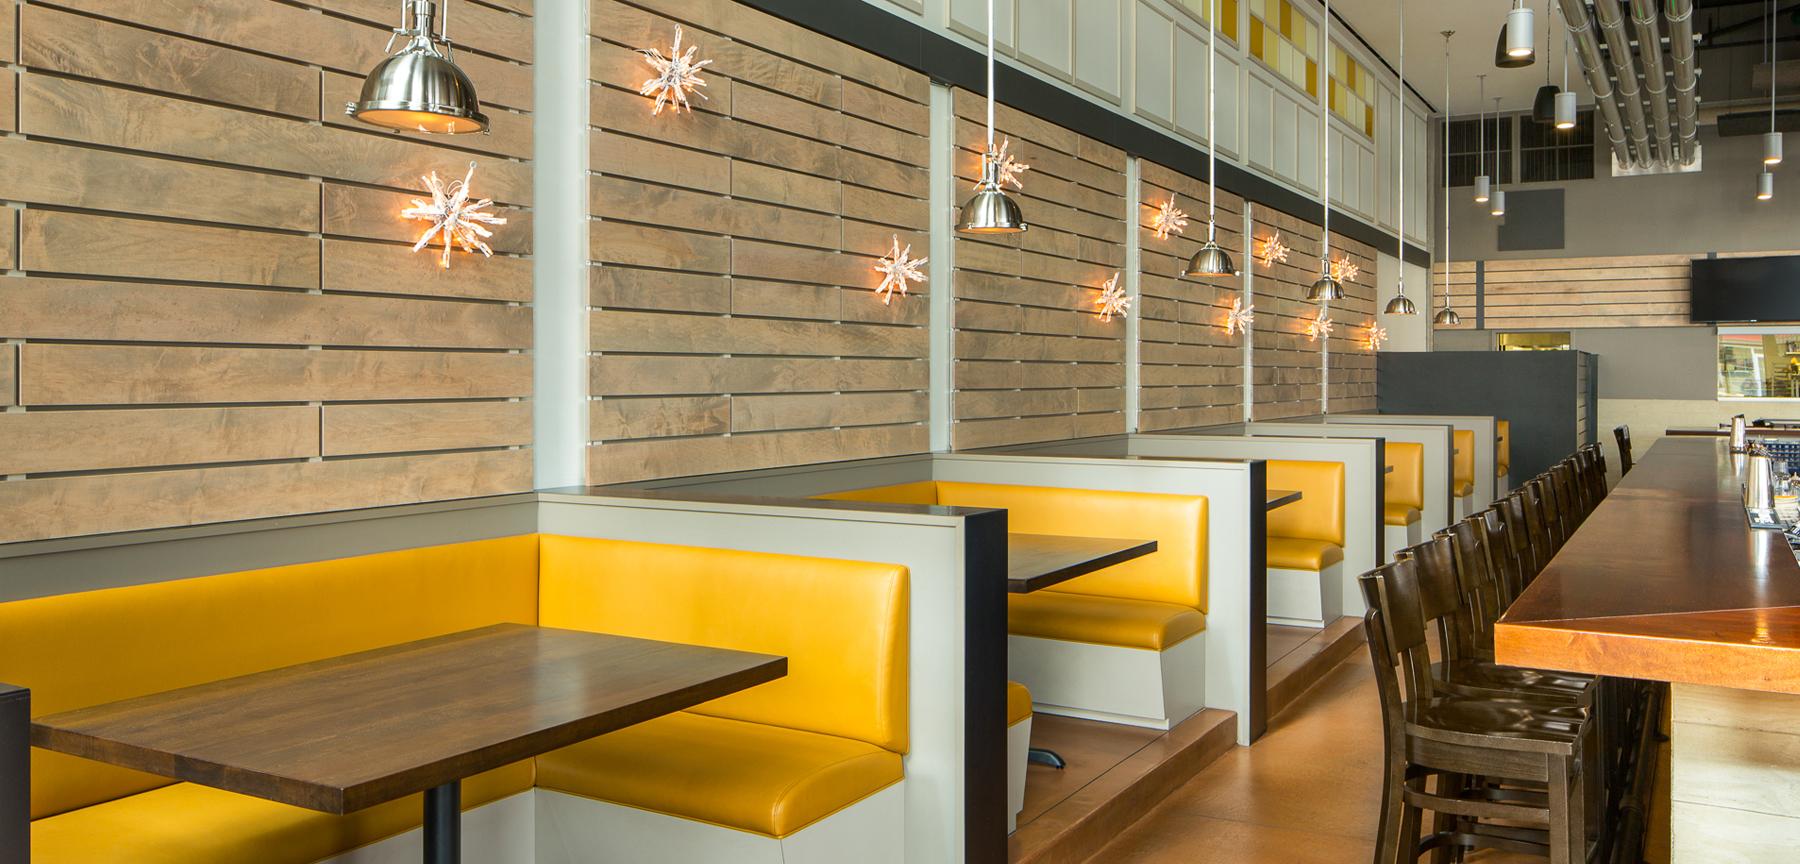 Sloan's Lake Tap & Burger booths